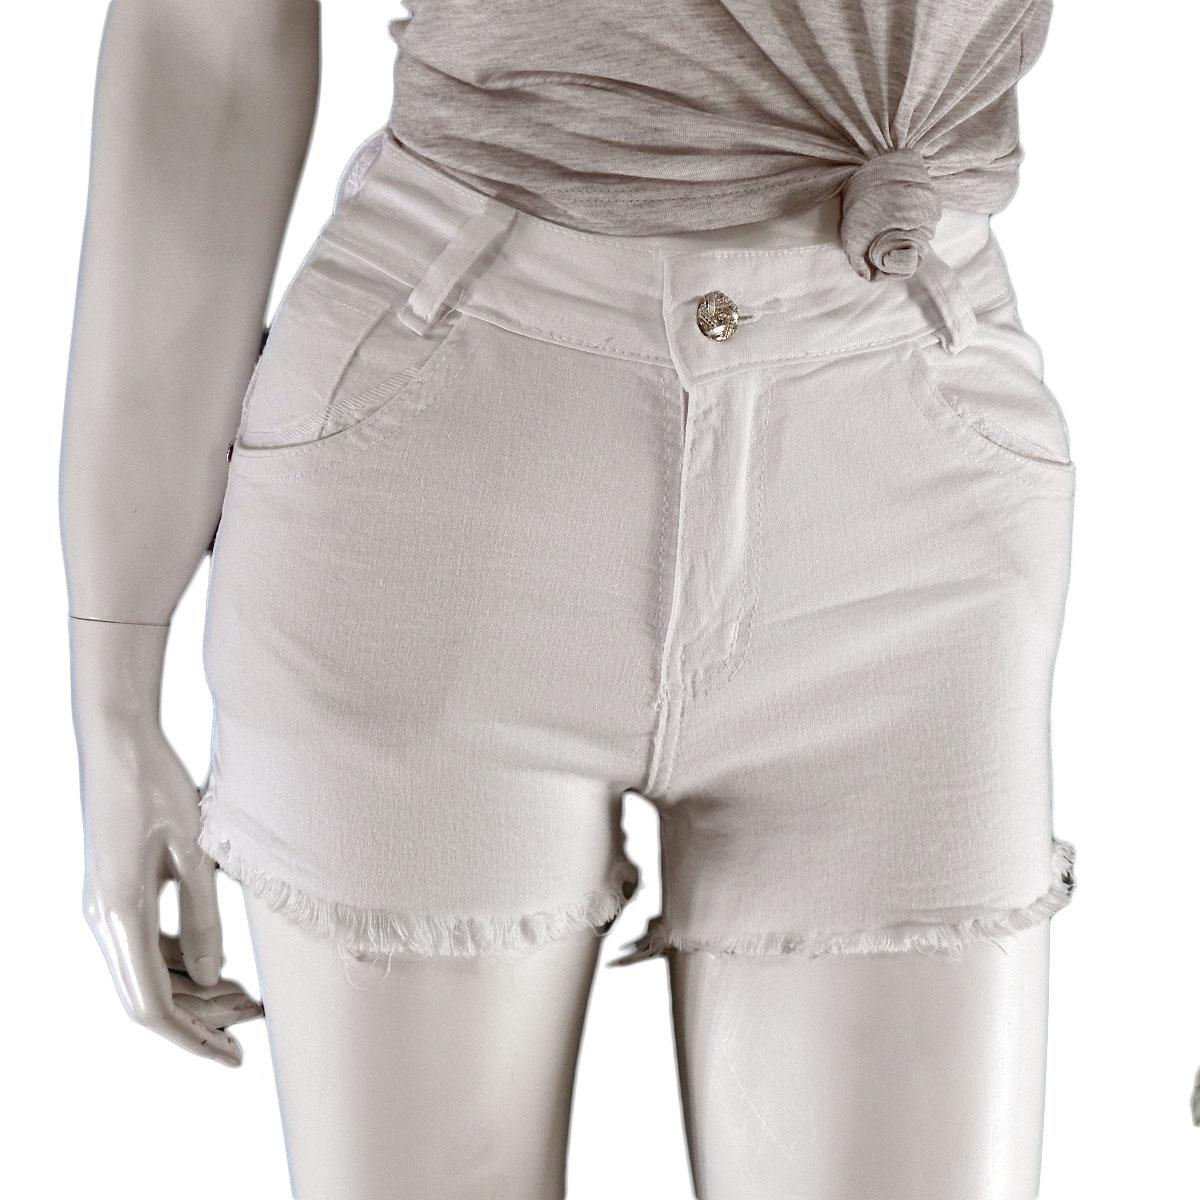 Shorts Feminino  Jeans Branco Desfiado Lançamento Verão Conexão